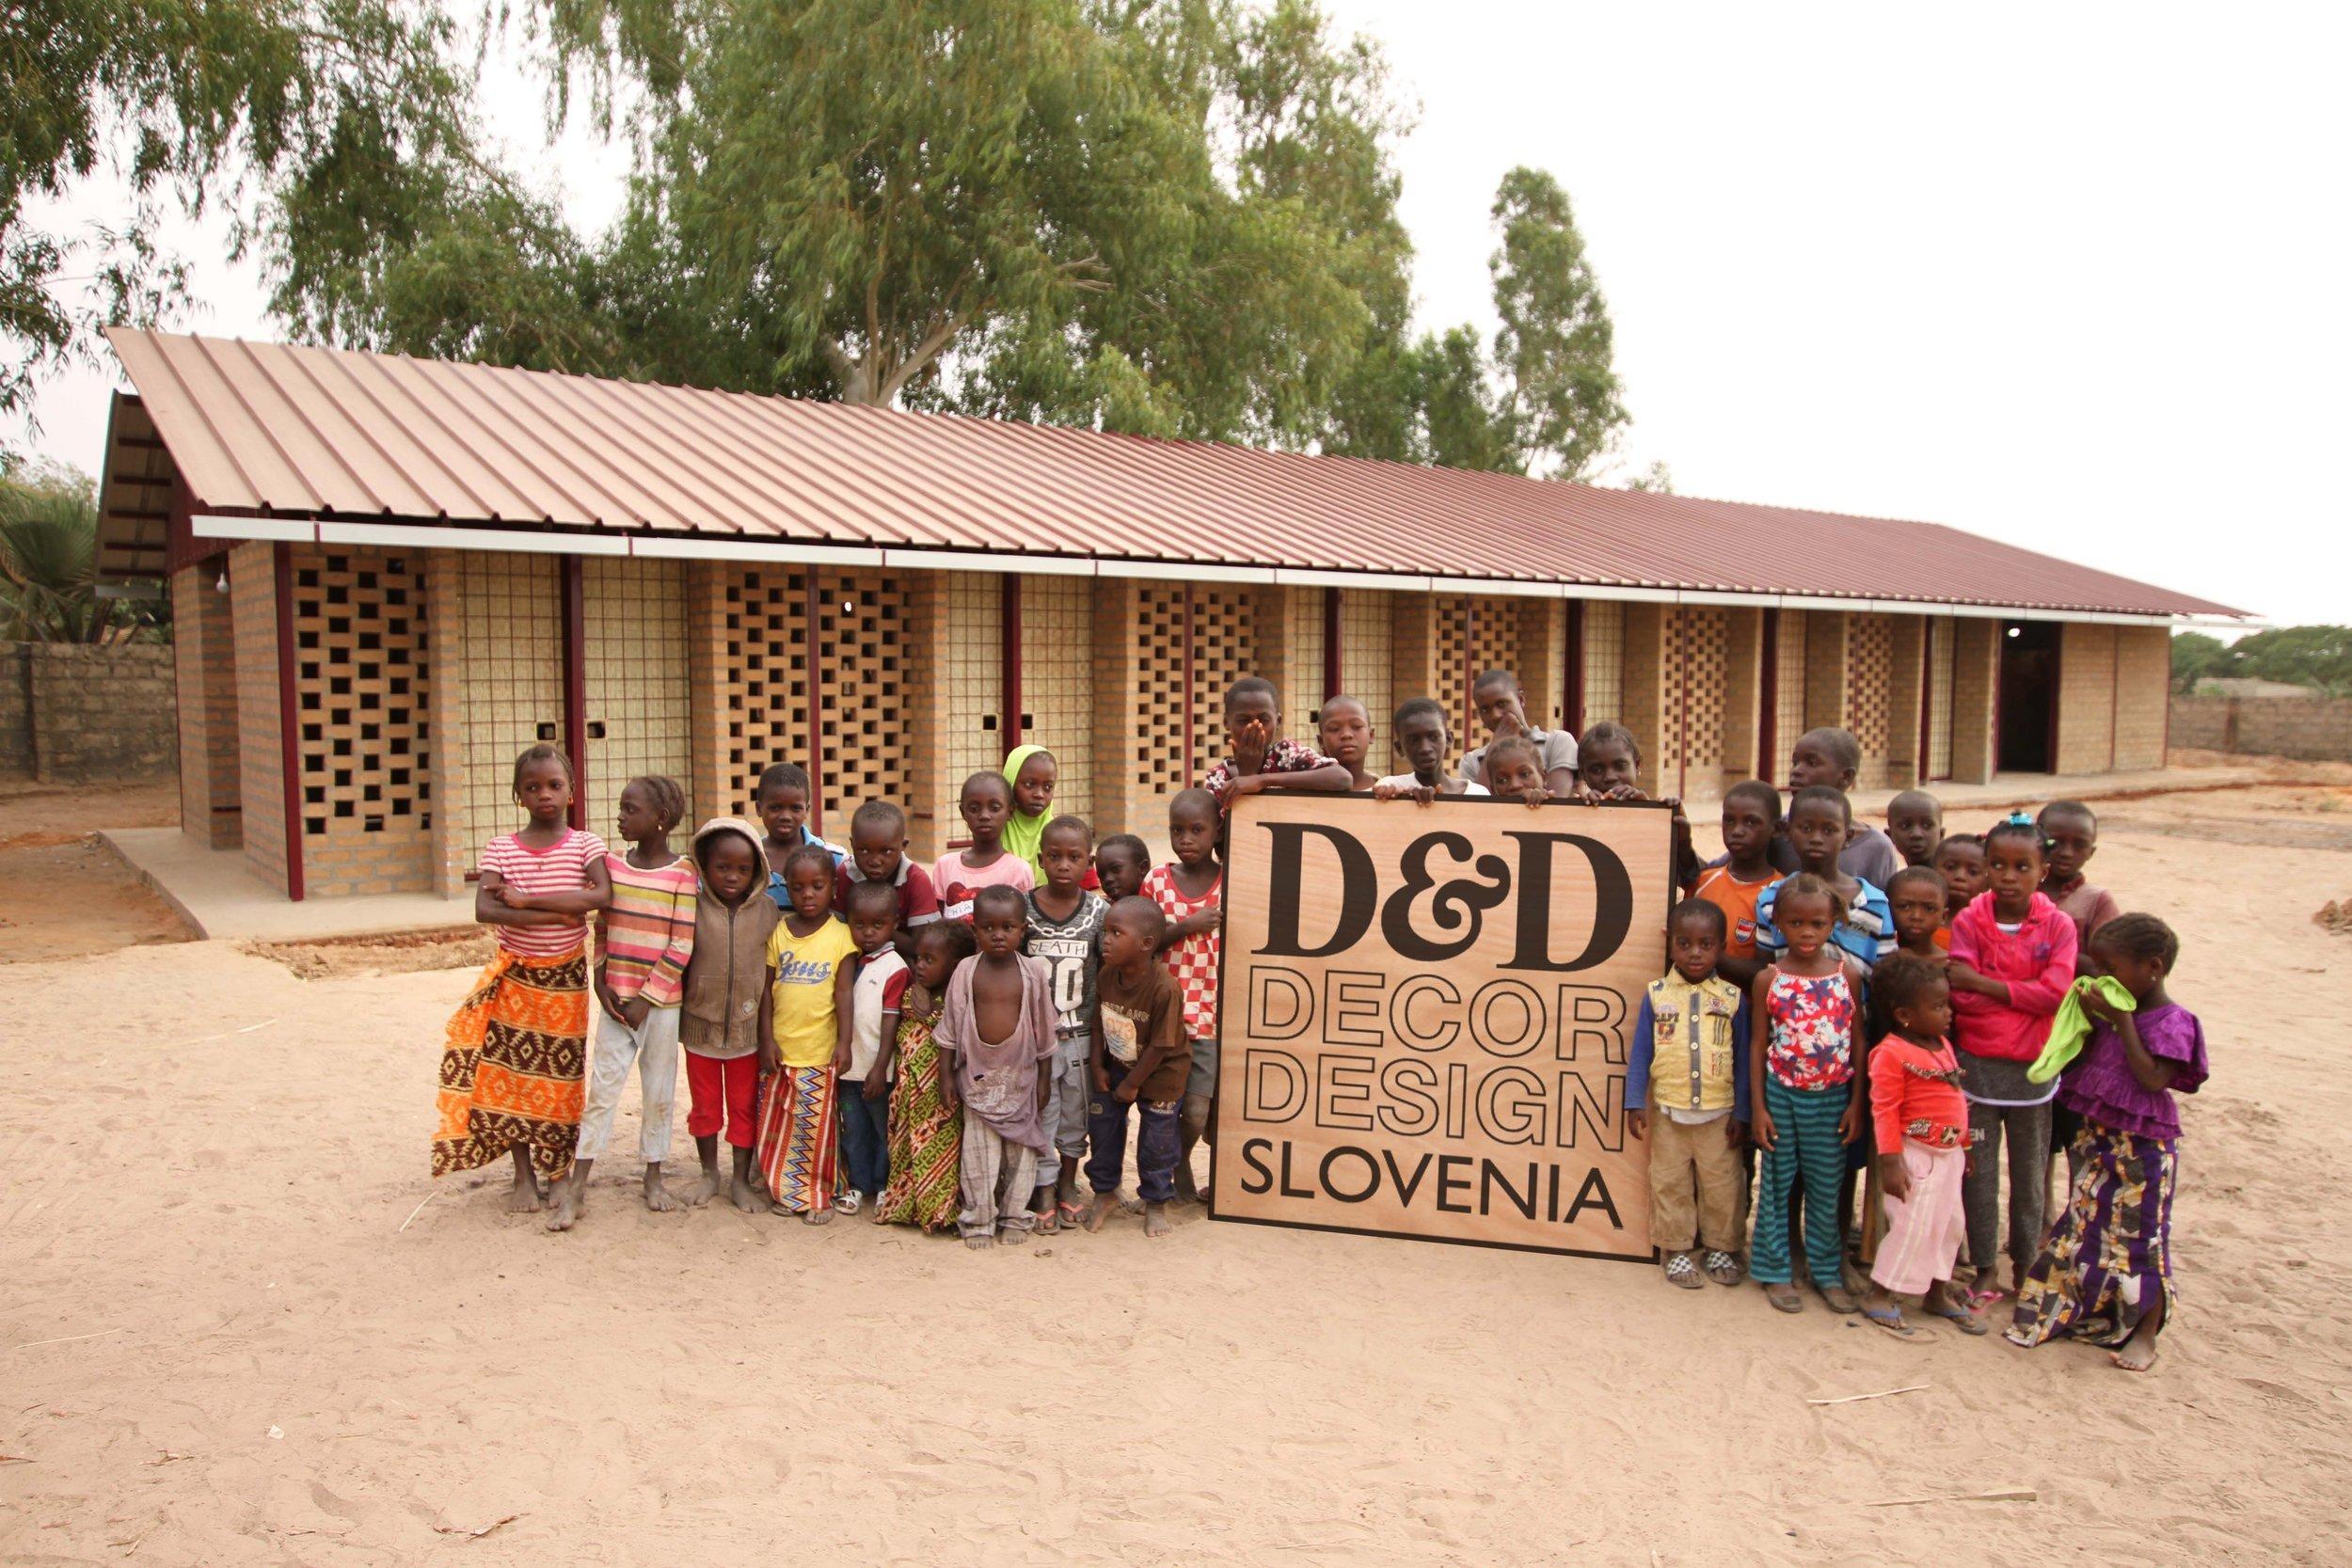 """Izobraževalno-karierni center v Gambiji, ki so ga prostovoljno načrtovali in tudi zgradili študenti Fakultete za gradbeništvo in Fakultete za arhitekturo v Ljubljani pod skupnim imenom """" Streha za vse """"."""